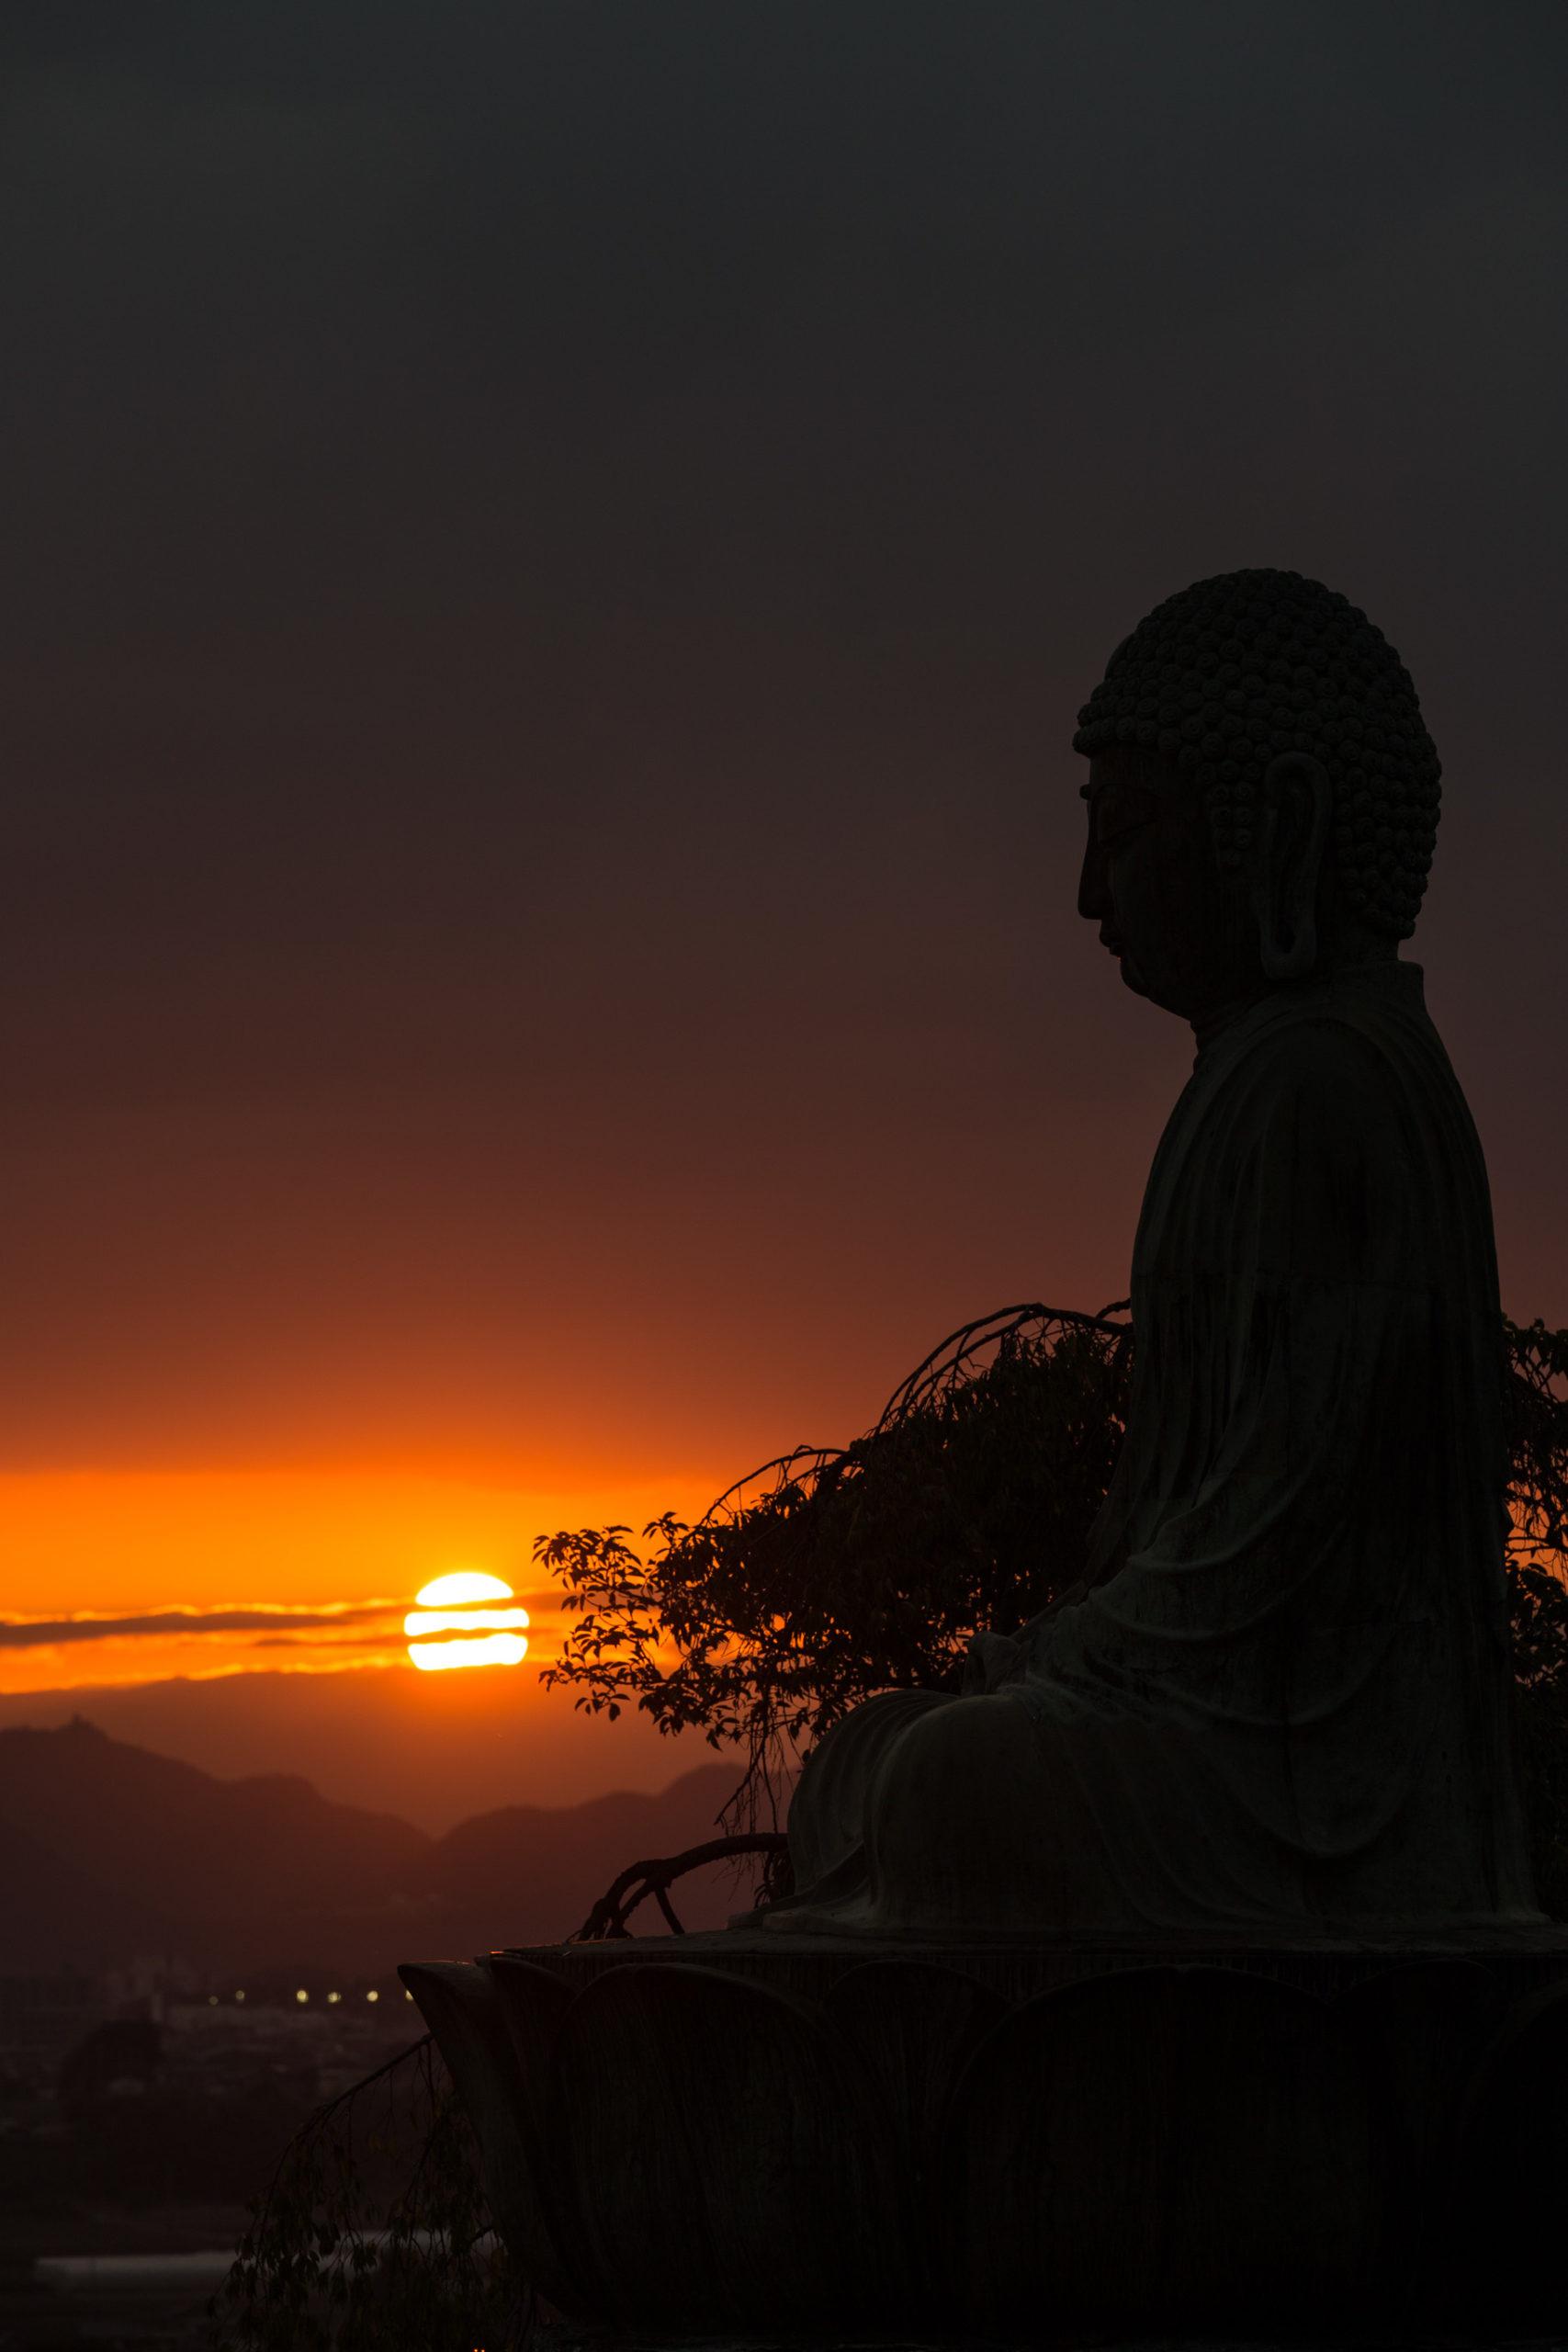 新生大仏(愛知県犬山市)| 風景撮影の画像